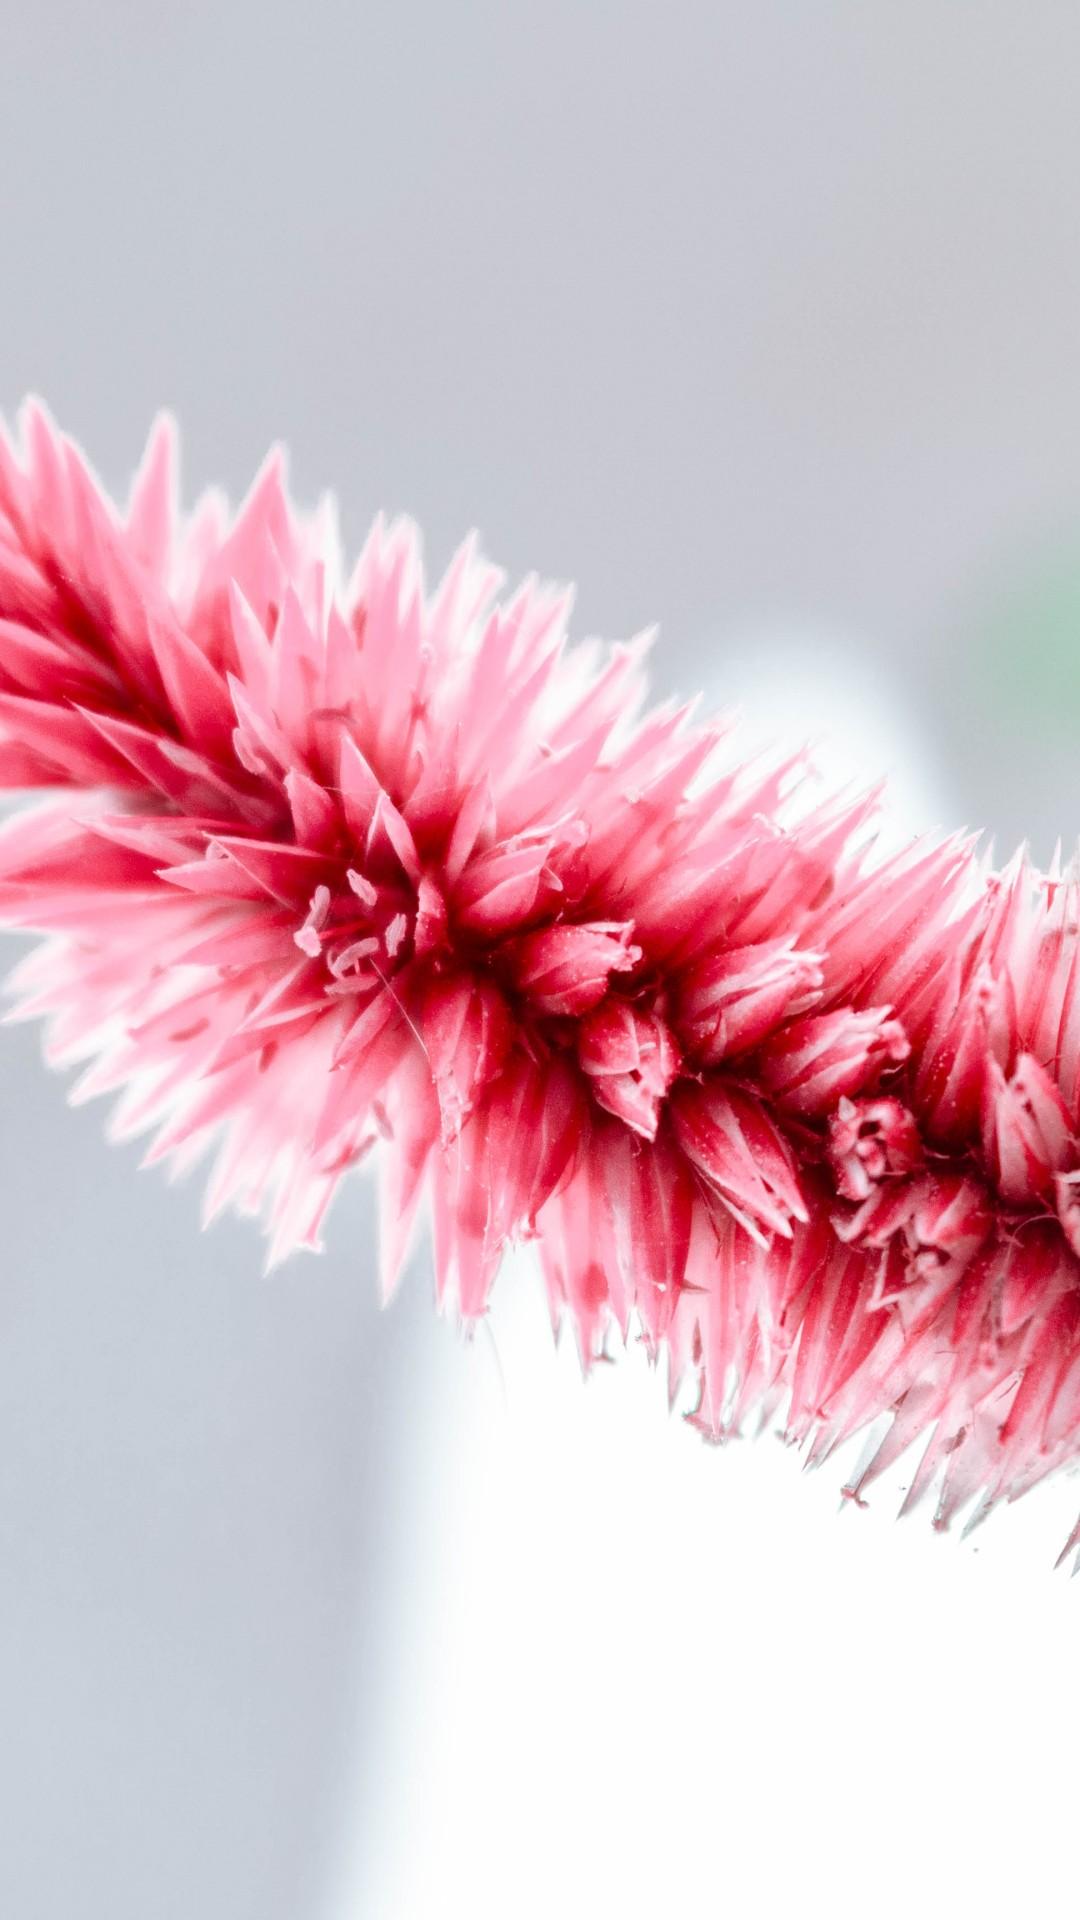 Wallpaper Pink White Flower 5k Nature 20030